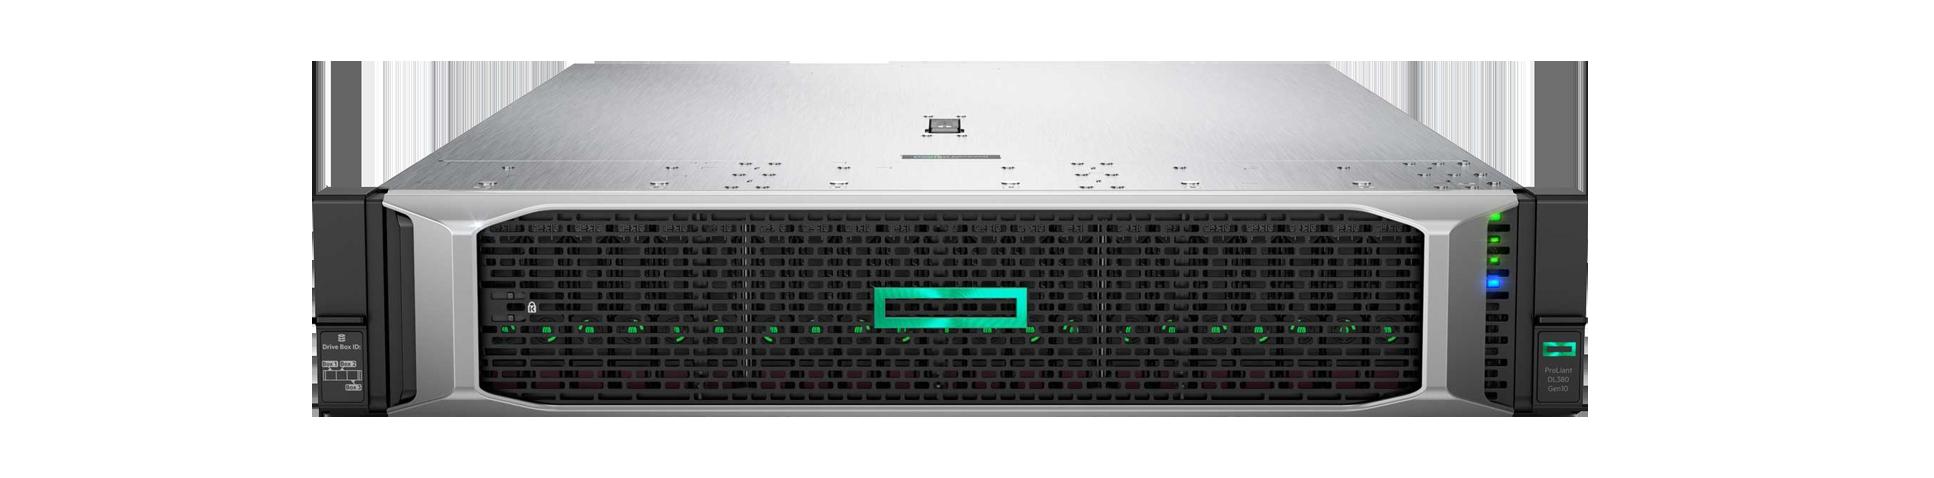 Готовые сервера под любые задачи